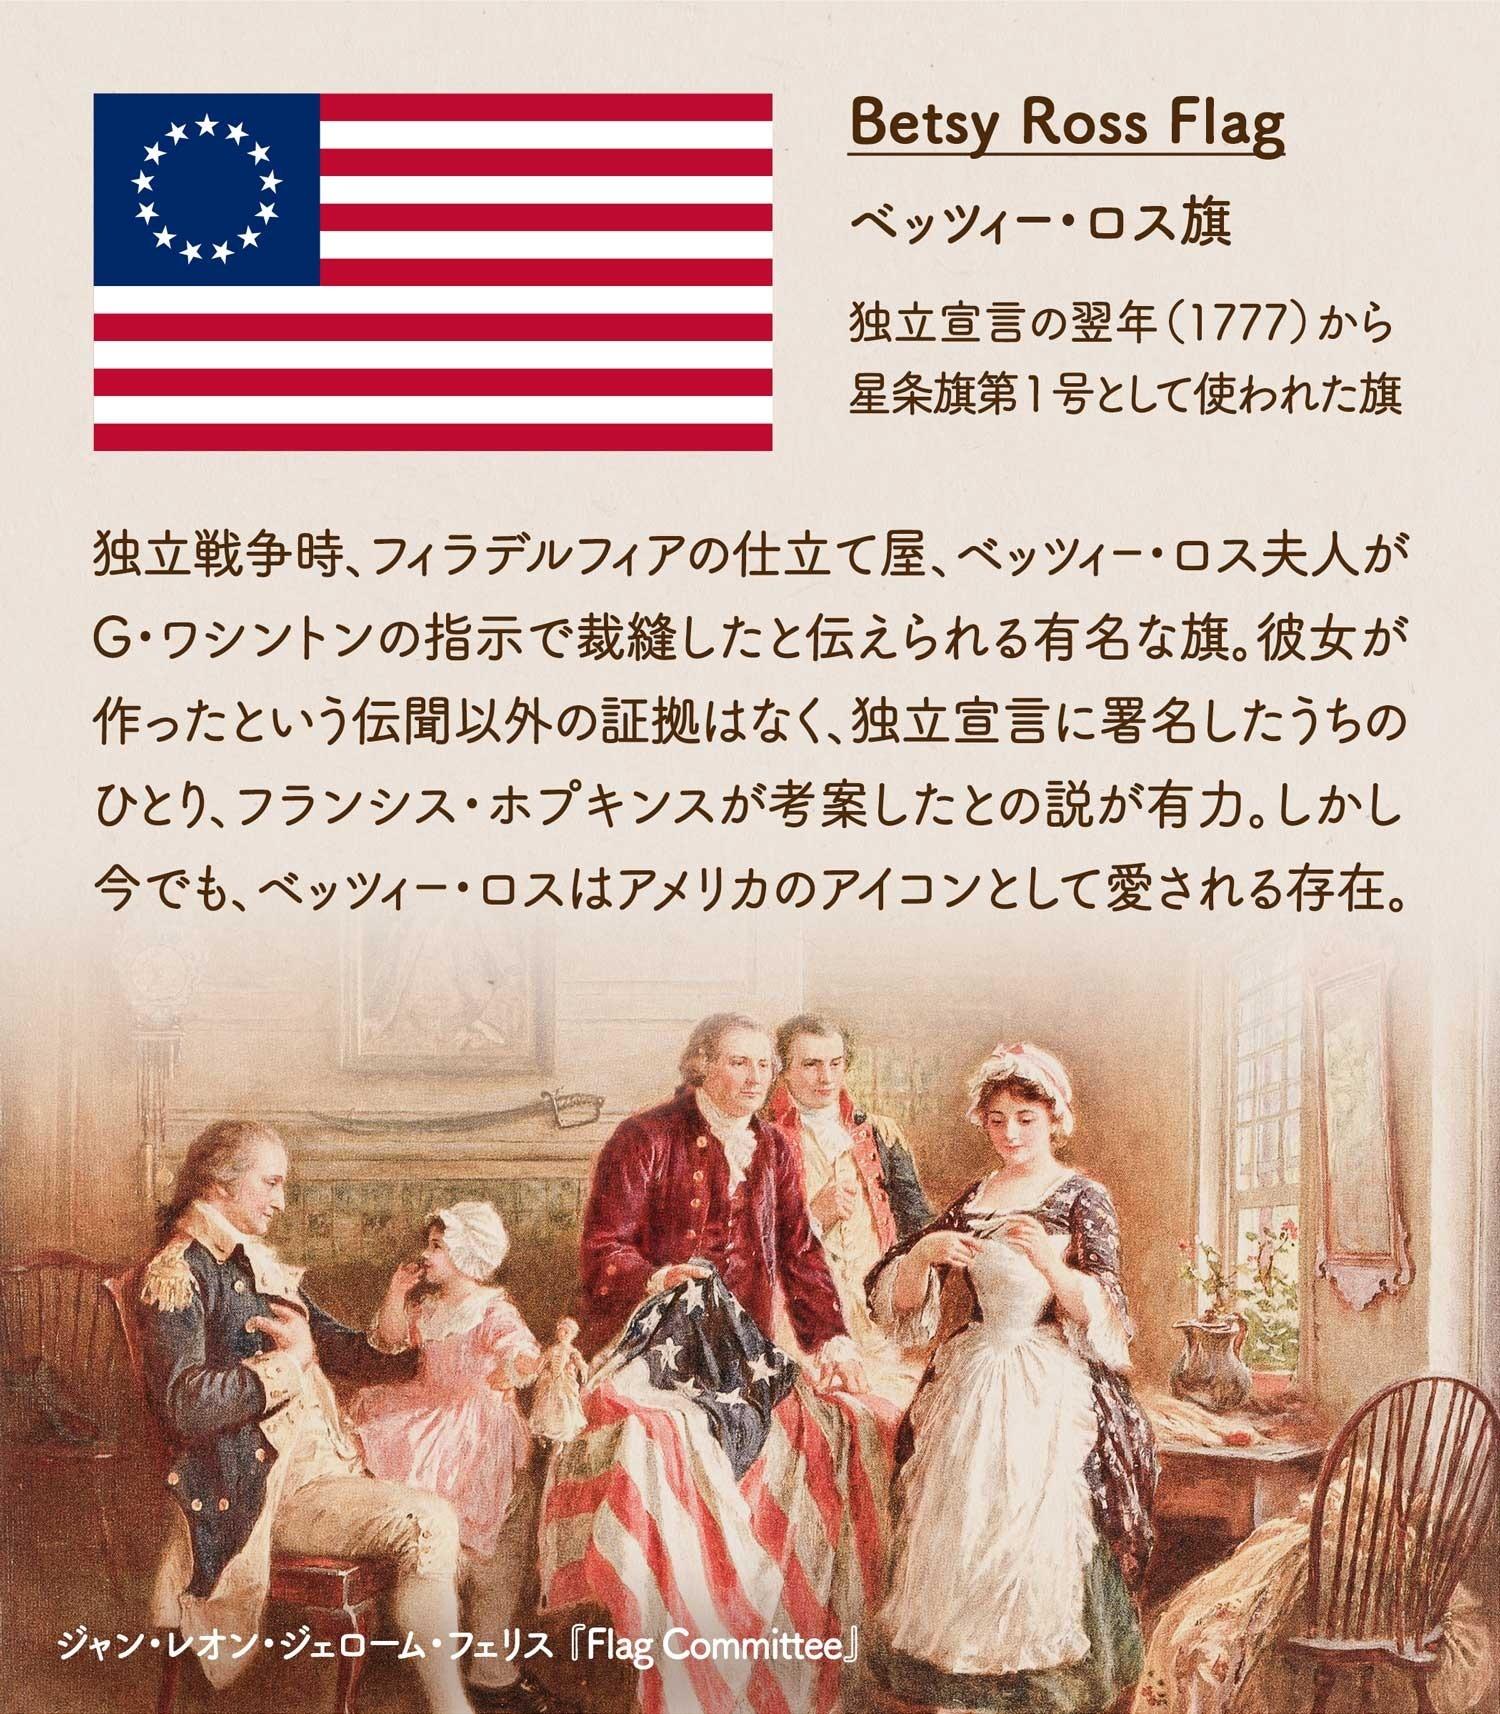 Betsy Ross Flag ベッツィー・ロス旗/独立宣言の翌年(1777)から星条旗第1号として使われた旗。独立戦争時、フィラデルフィアの仕立て屋、ベッツィー・ロス夫人がG・ワシントンの指示で裁縫したと伝えられる有名な旗。彼女が作ったという伝聞以外の証拠はなく、独立宣言に署名した中のひとり、フランシス・ホプキンスが考案したとの説が有力。しかし今でも、ベッツィー・ロスはアメリカのアイコンとして愛される存在。ジャン・レオン・ジェローム・フェリス 『Flag Committee』